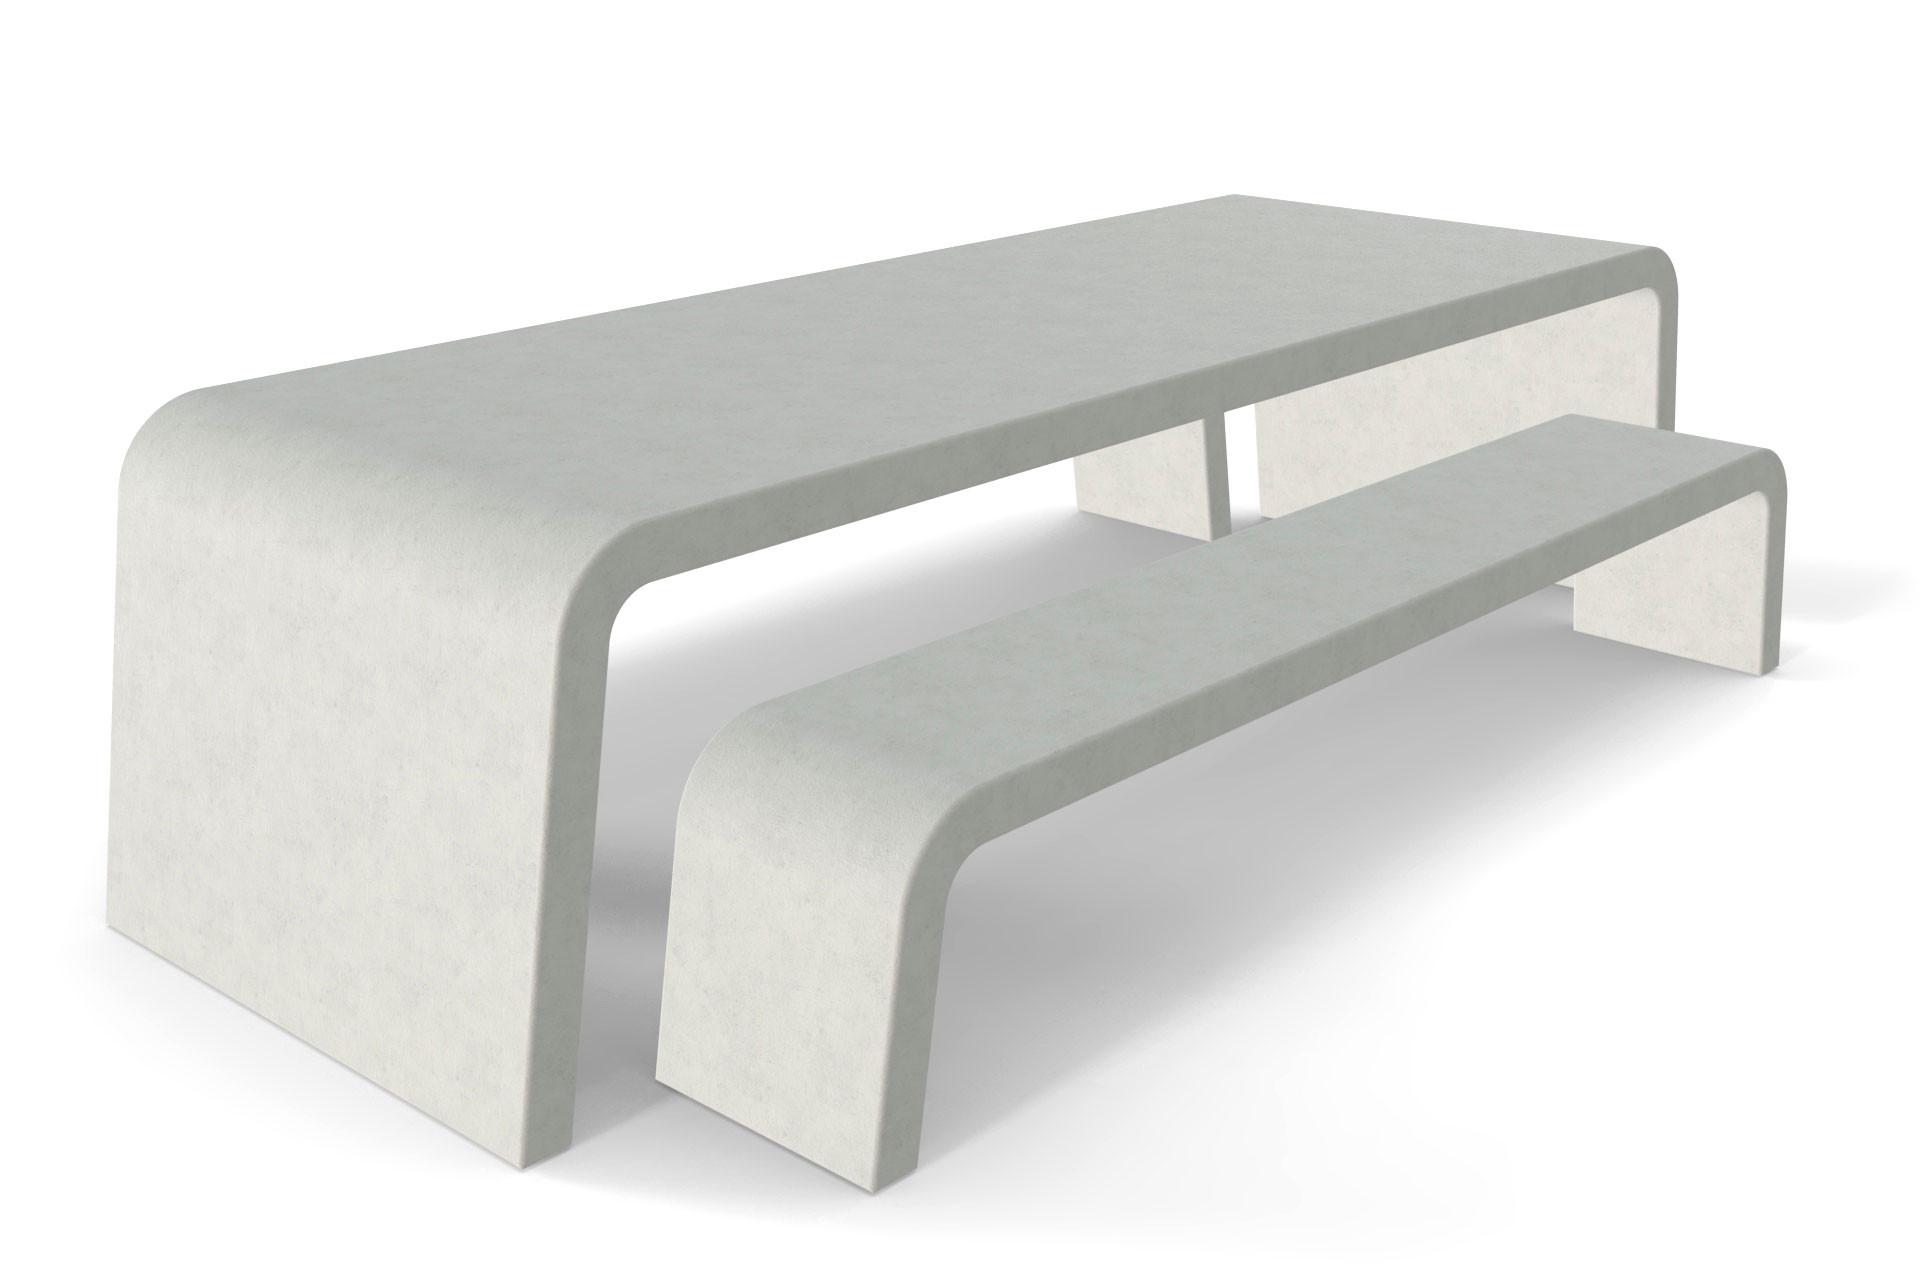 Liv betonlook tuintafel met twee betonlook banken